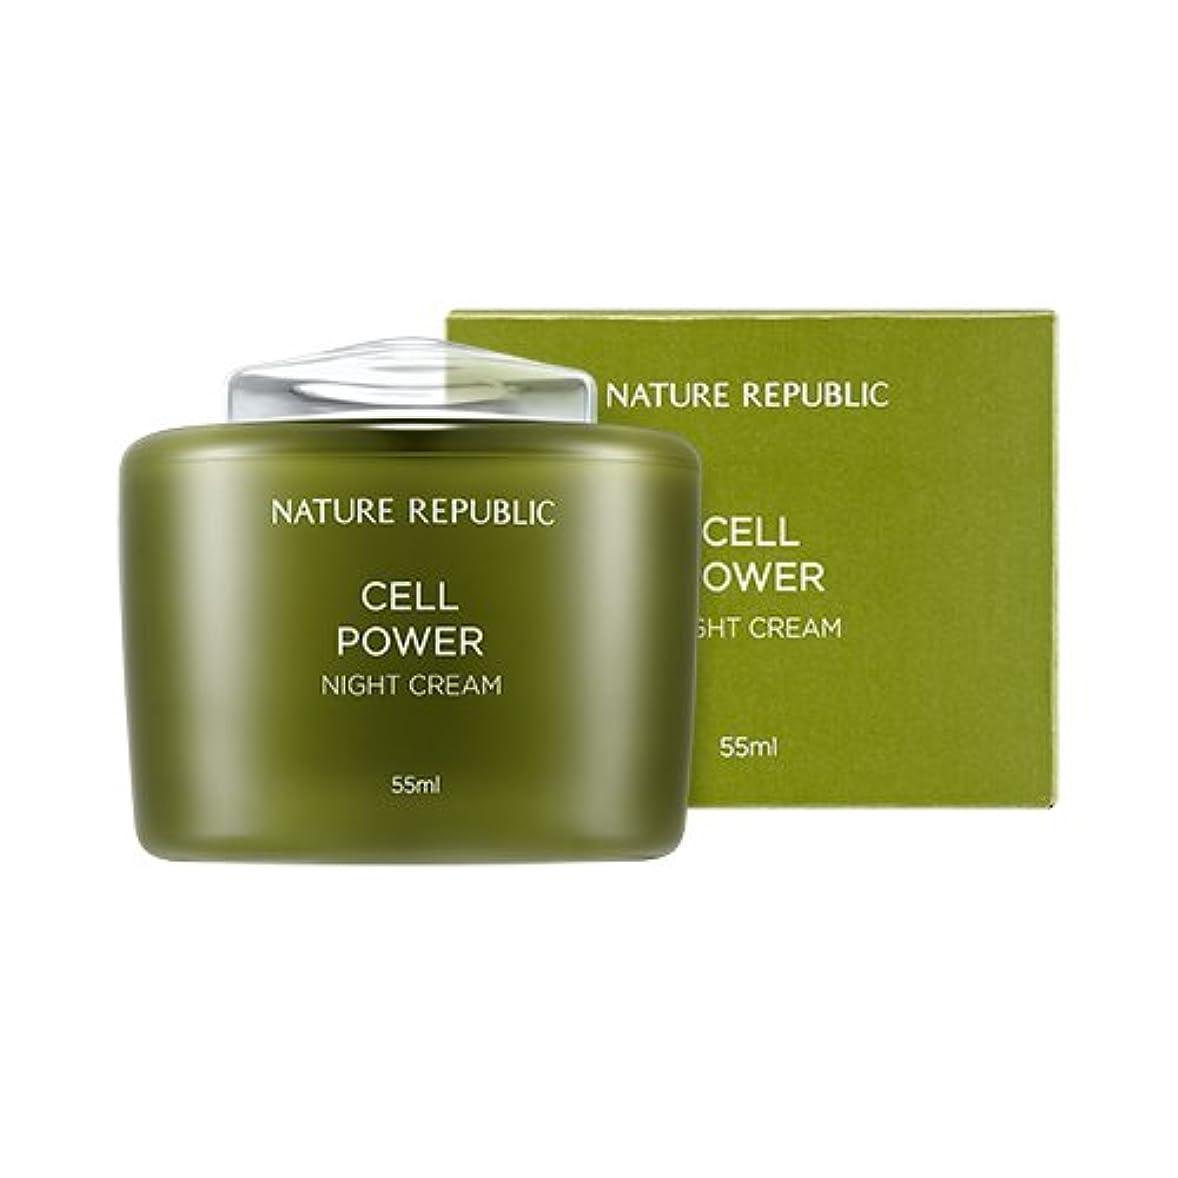 のヒープフェリー移植Nature Republic Cell Power Night Cream ネイチャーリパブリックセルパワーナイトクリーム [並行輸入品]